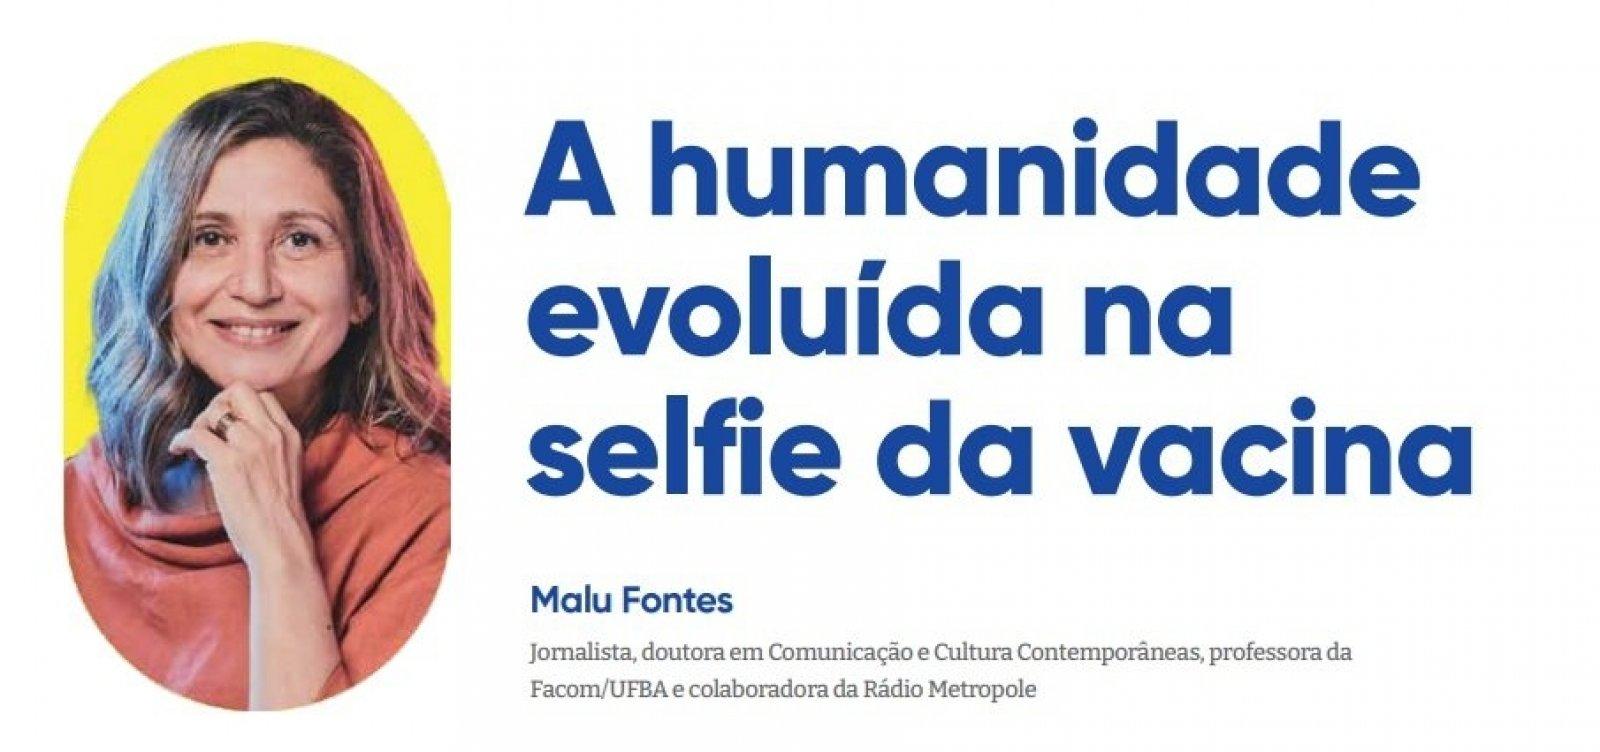 A humanidade evoluída na selfie da vacina